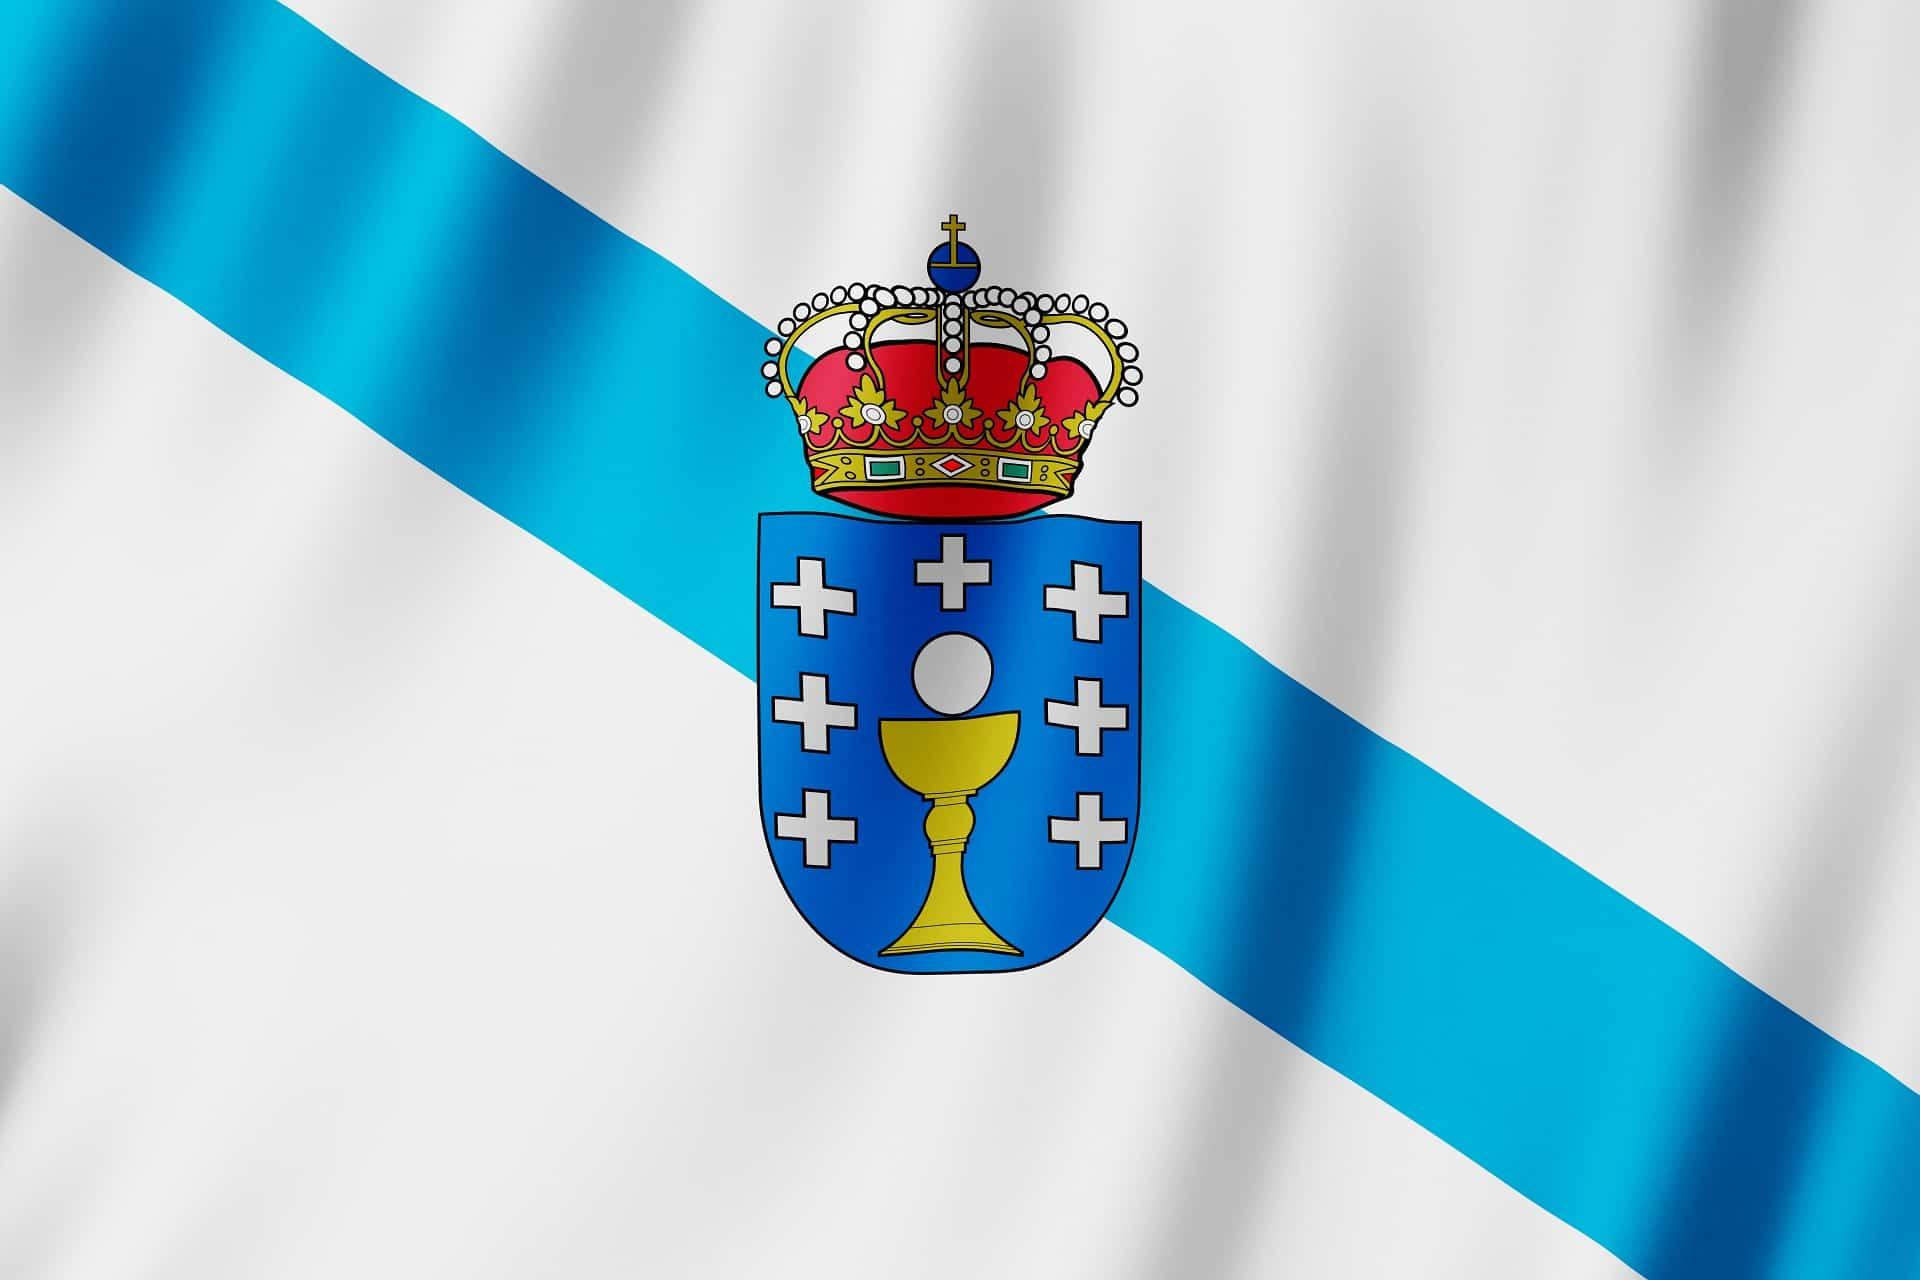 deducciones autonomicas en galicia